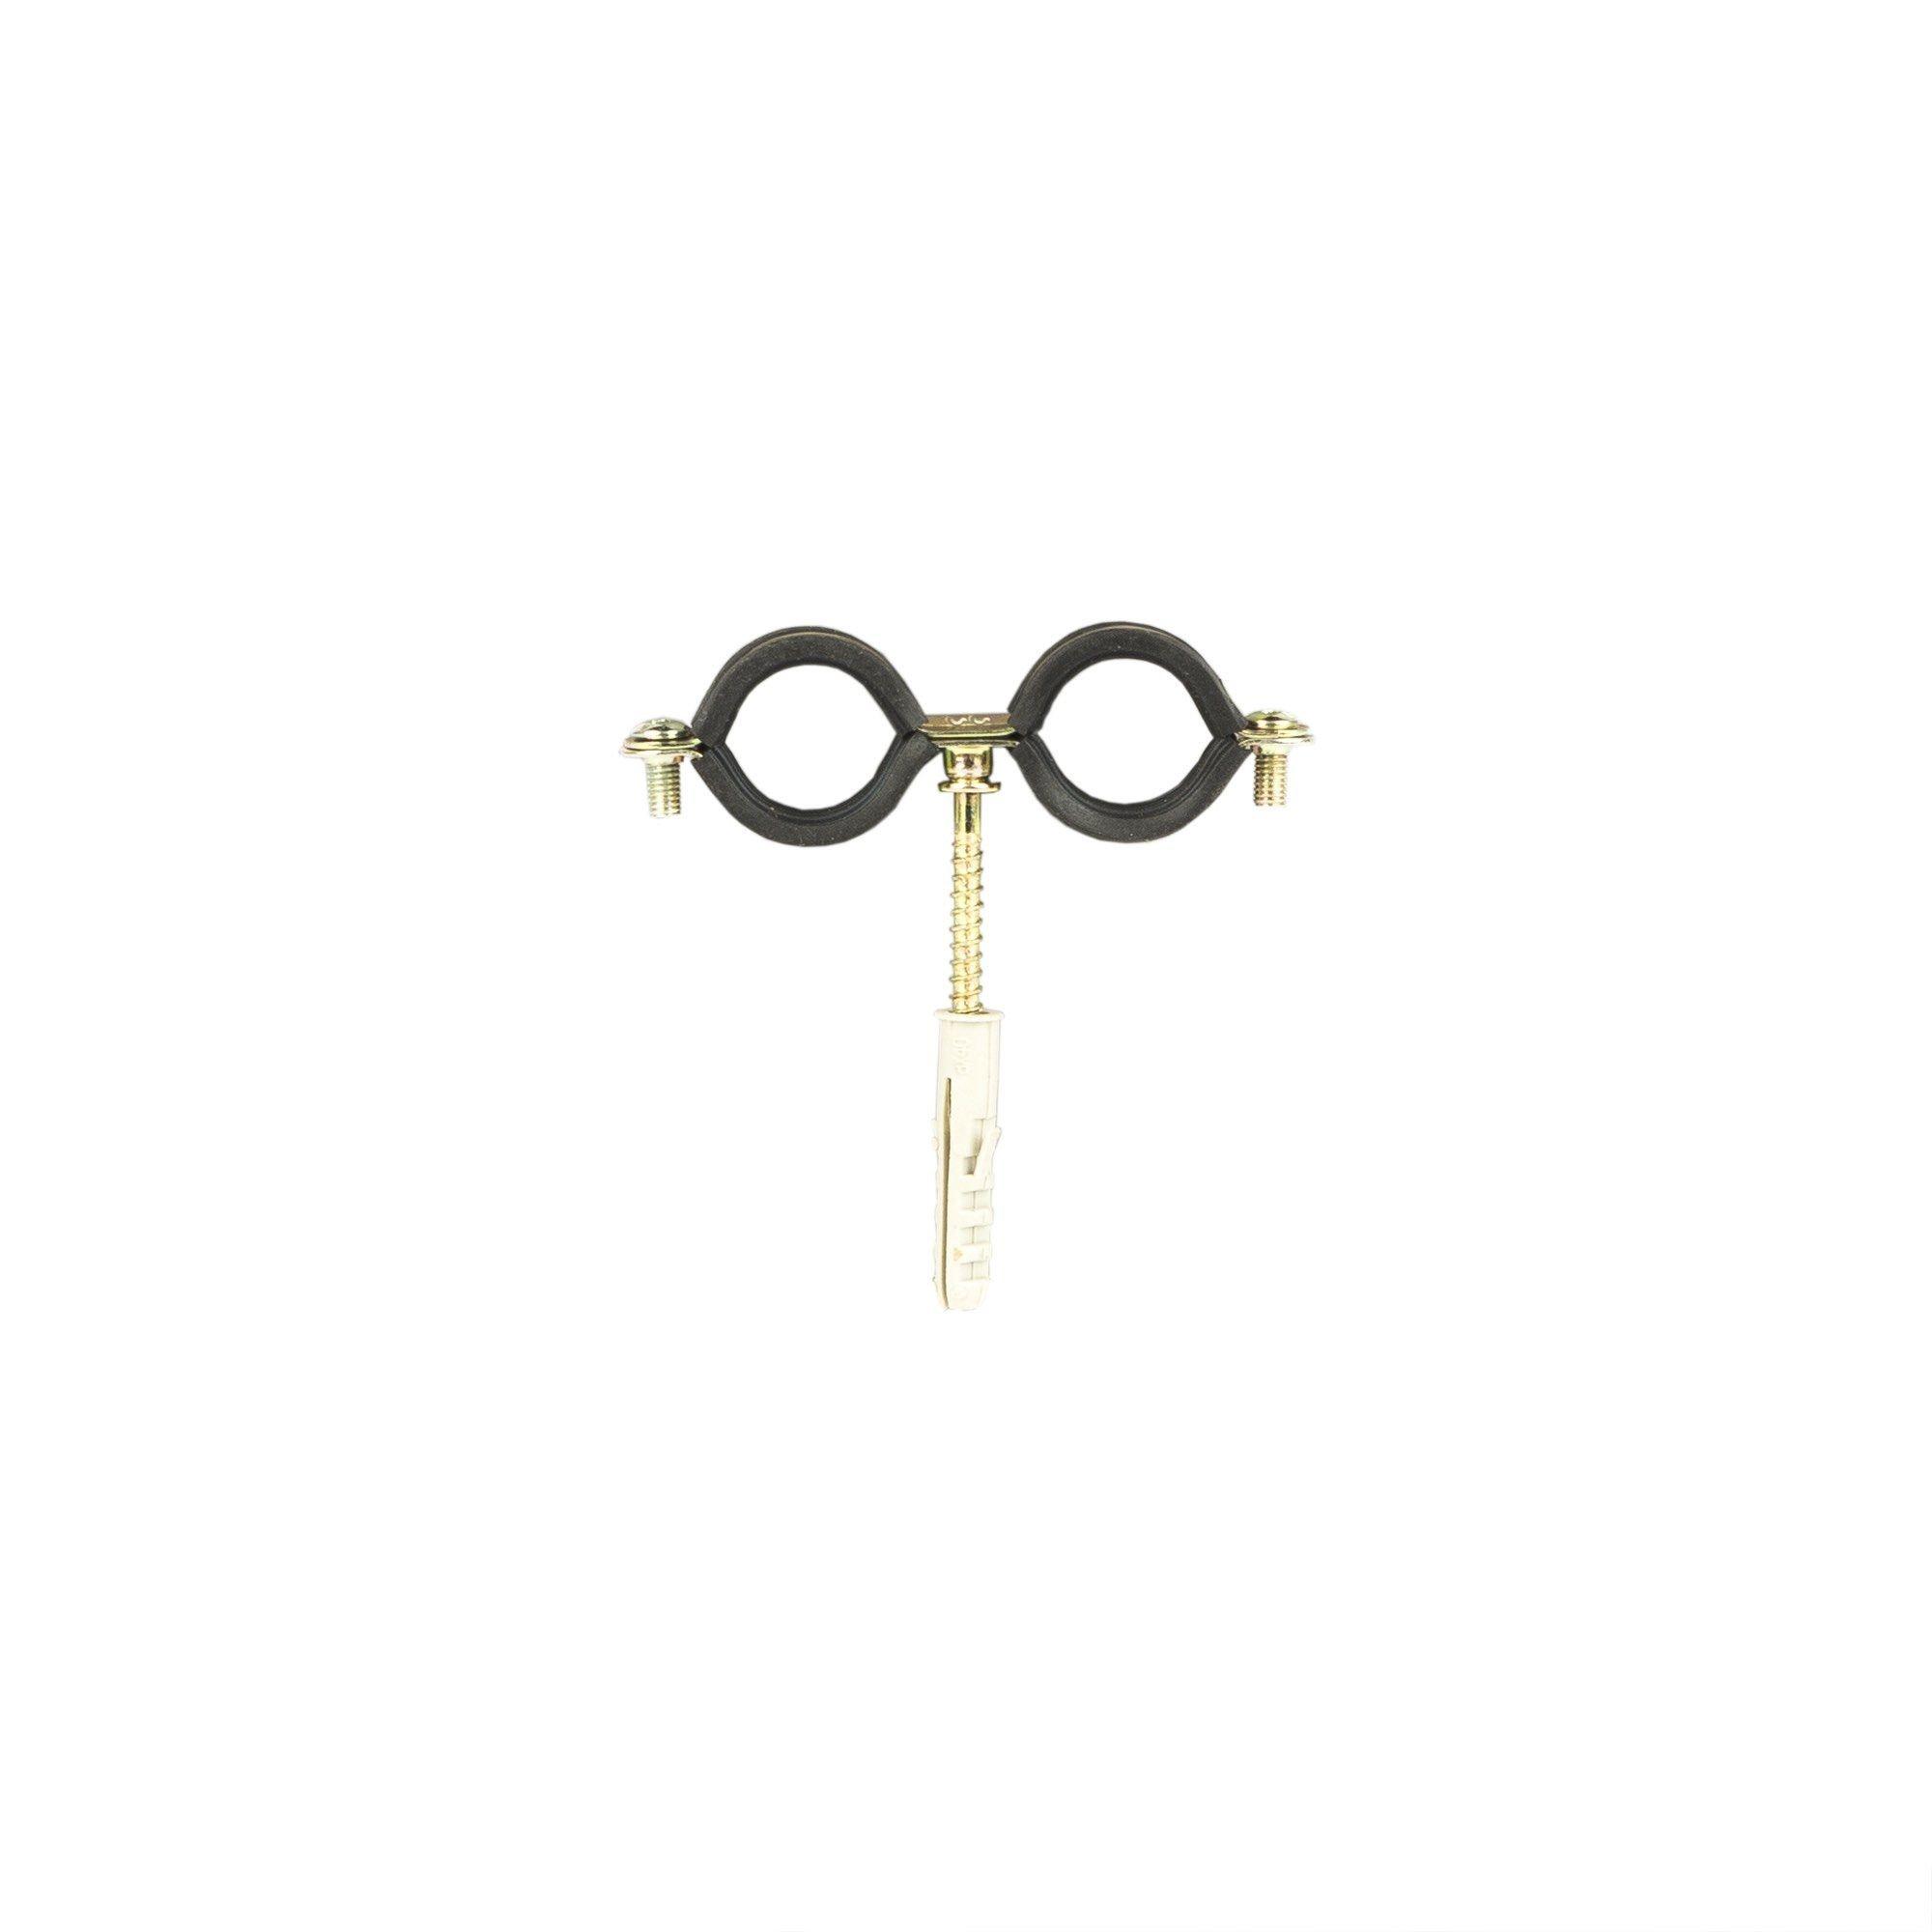 Colier dublu metalic diblu pentru teava D18 mm